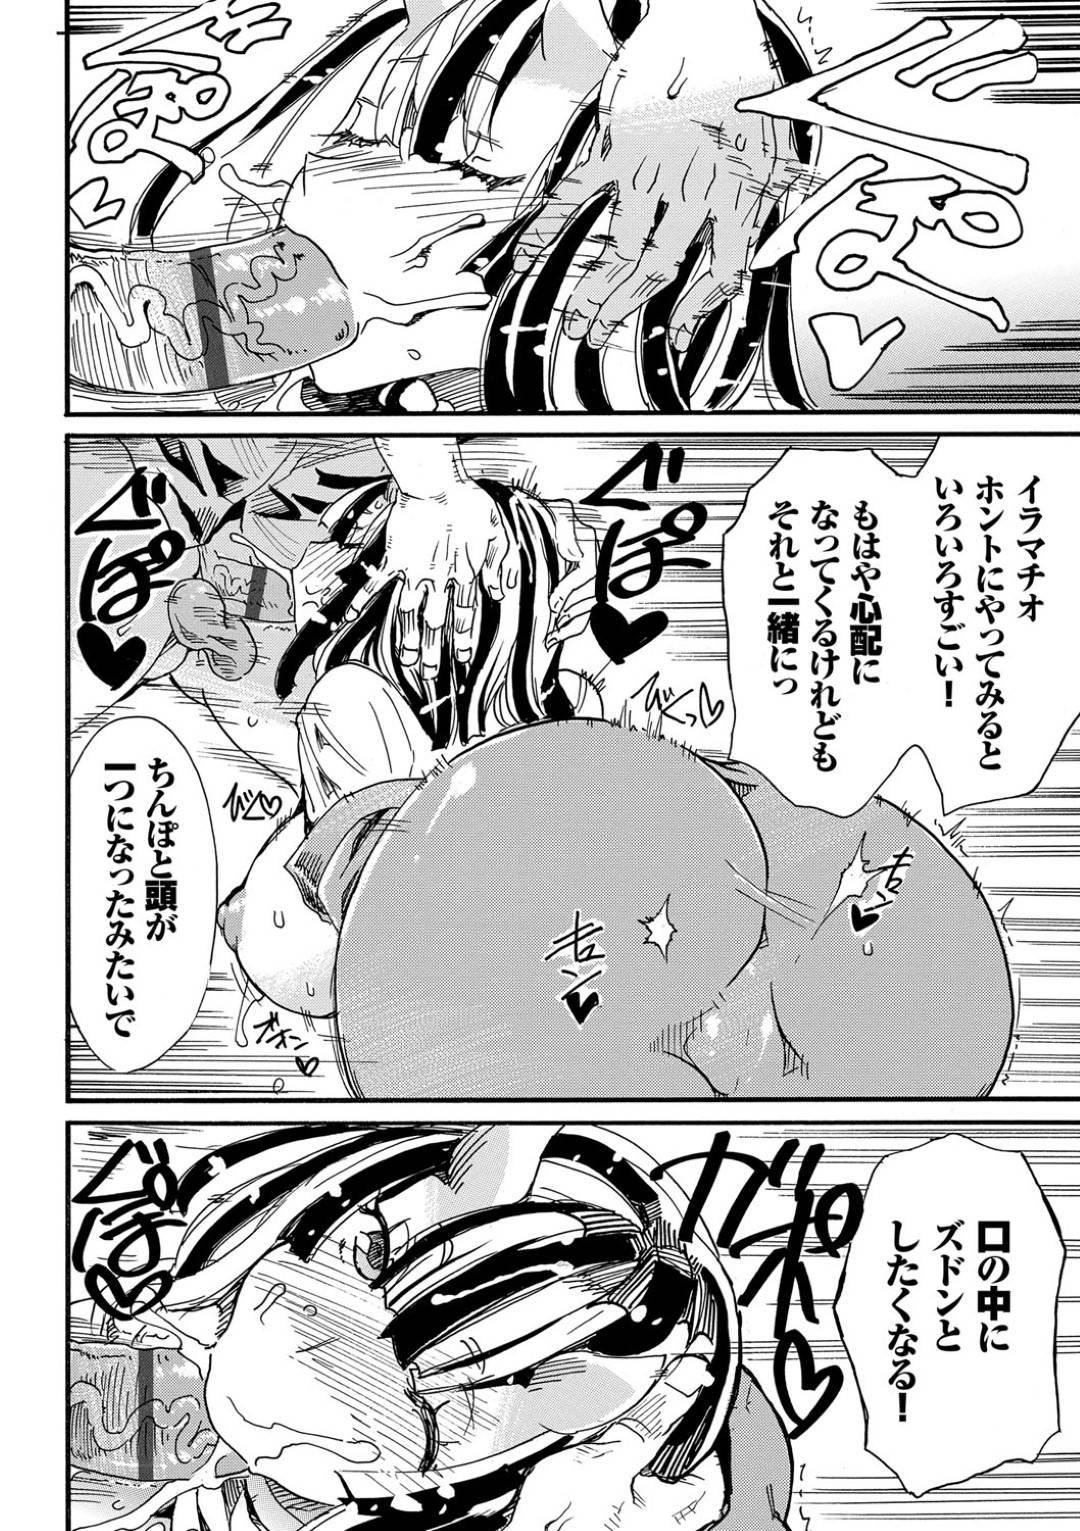 【エロ漫画】主人公の男と同棲する淫乱な鬼お姉さん…酔ってすっかり淫乱になった彼女は彼のチンポをイラマチオし、バックで生挿入させては中出しセックスするのだった。【キクタ:オニが居間】